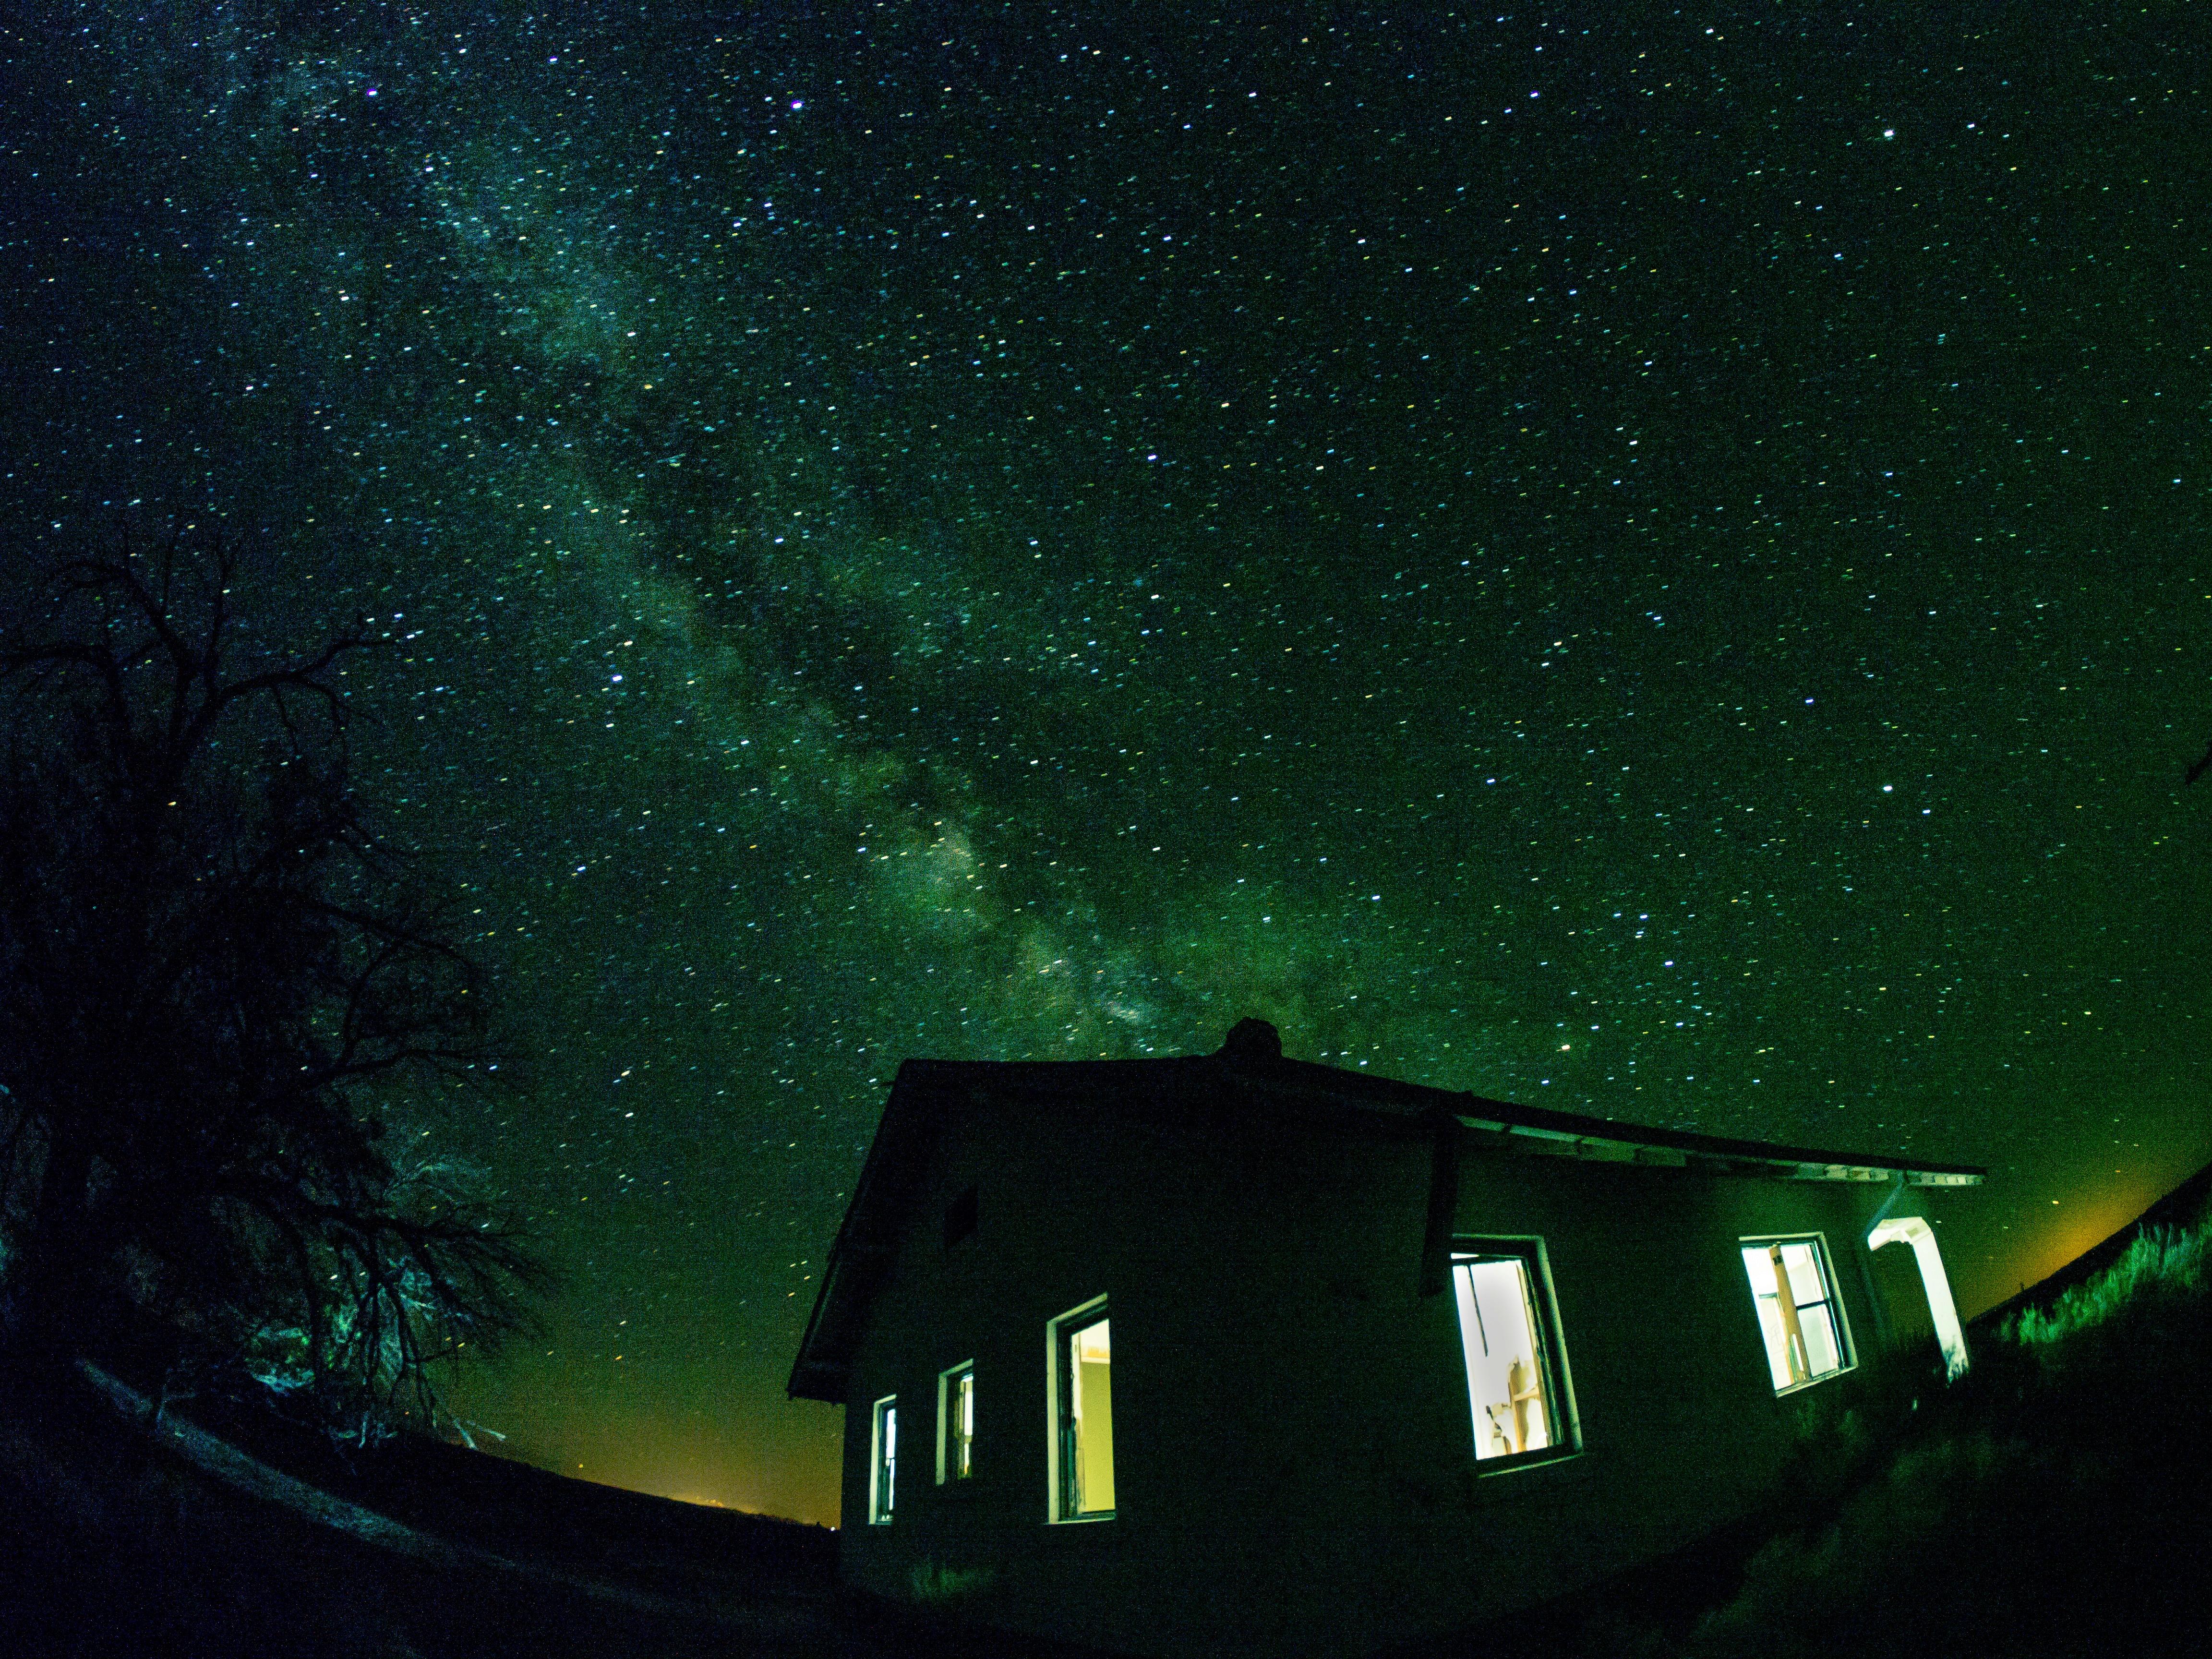 Sfondi Notte Galassia Natura Spazio Cielo Stelle Verde Via